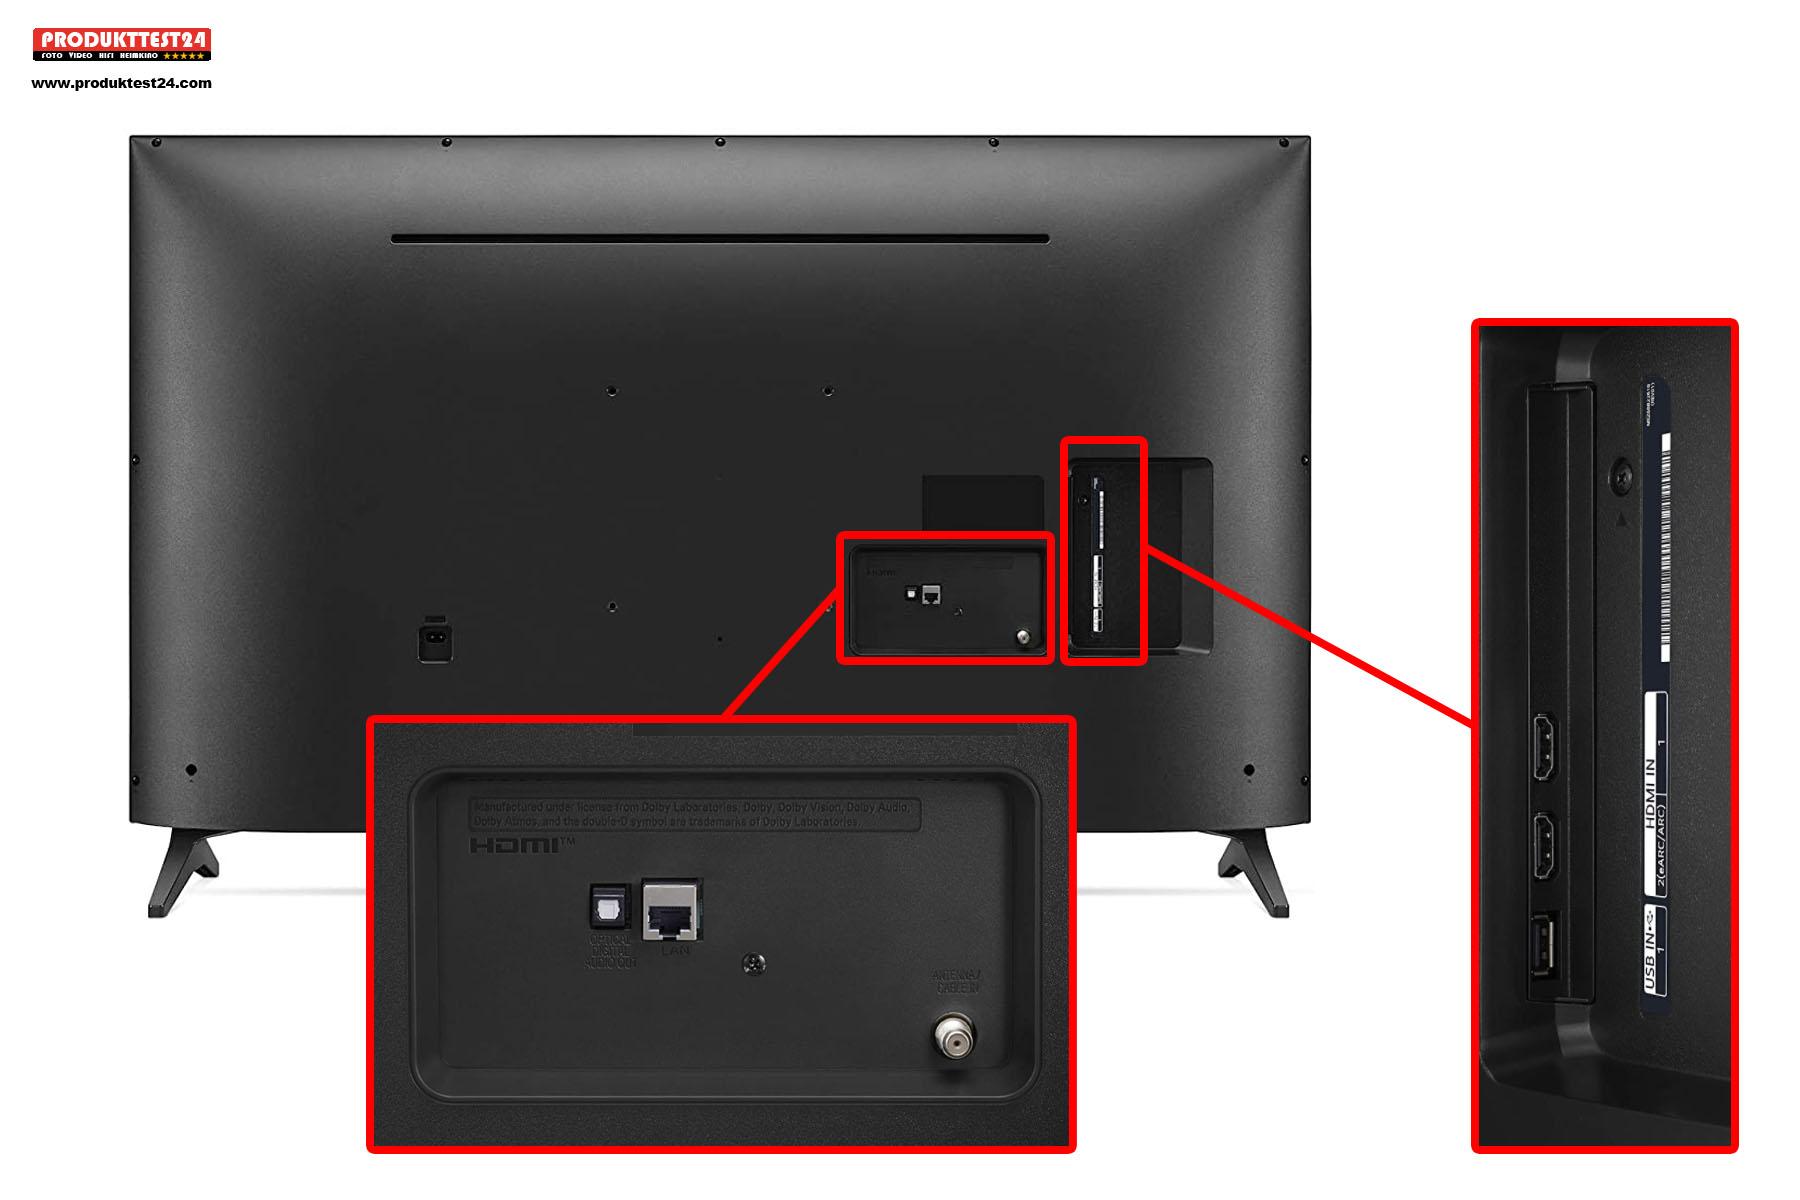 Bei den Anschlüssen hat LG gespart. Nur 2 HDMI Eingänge.